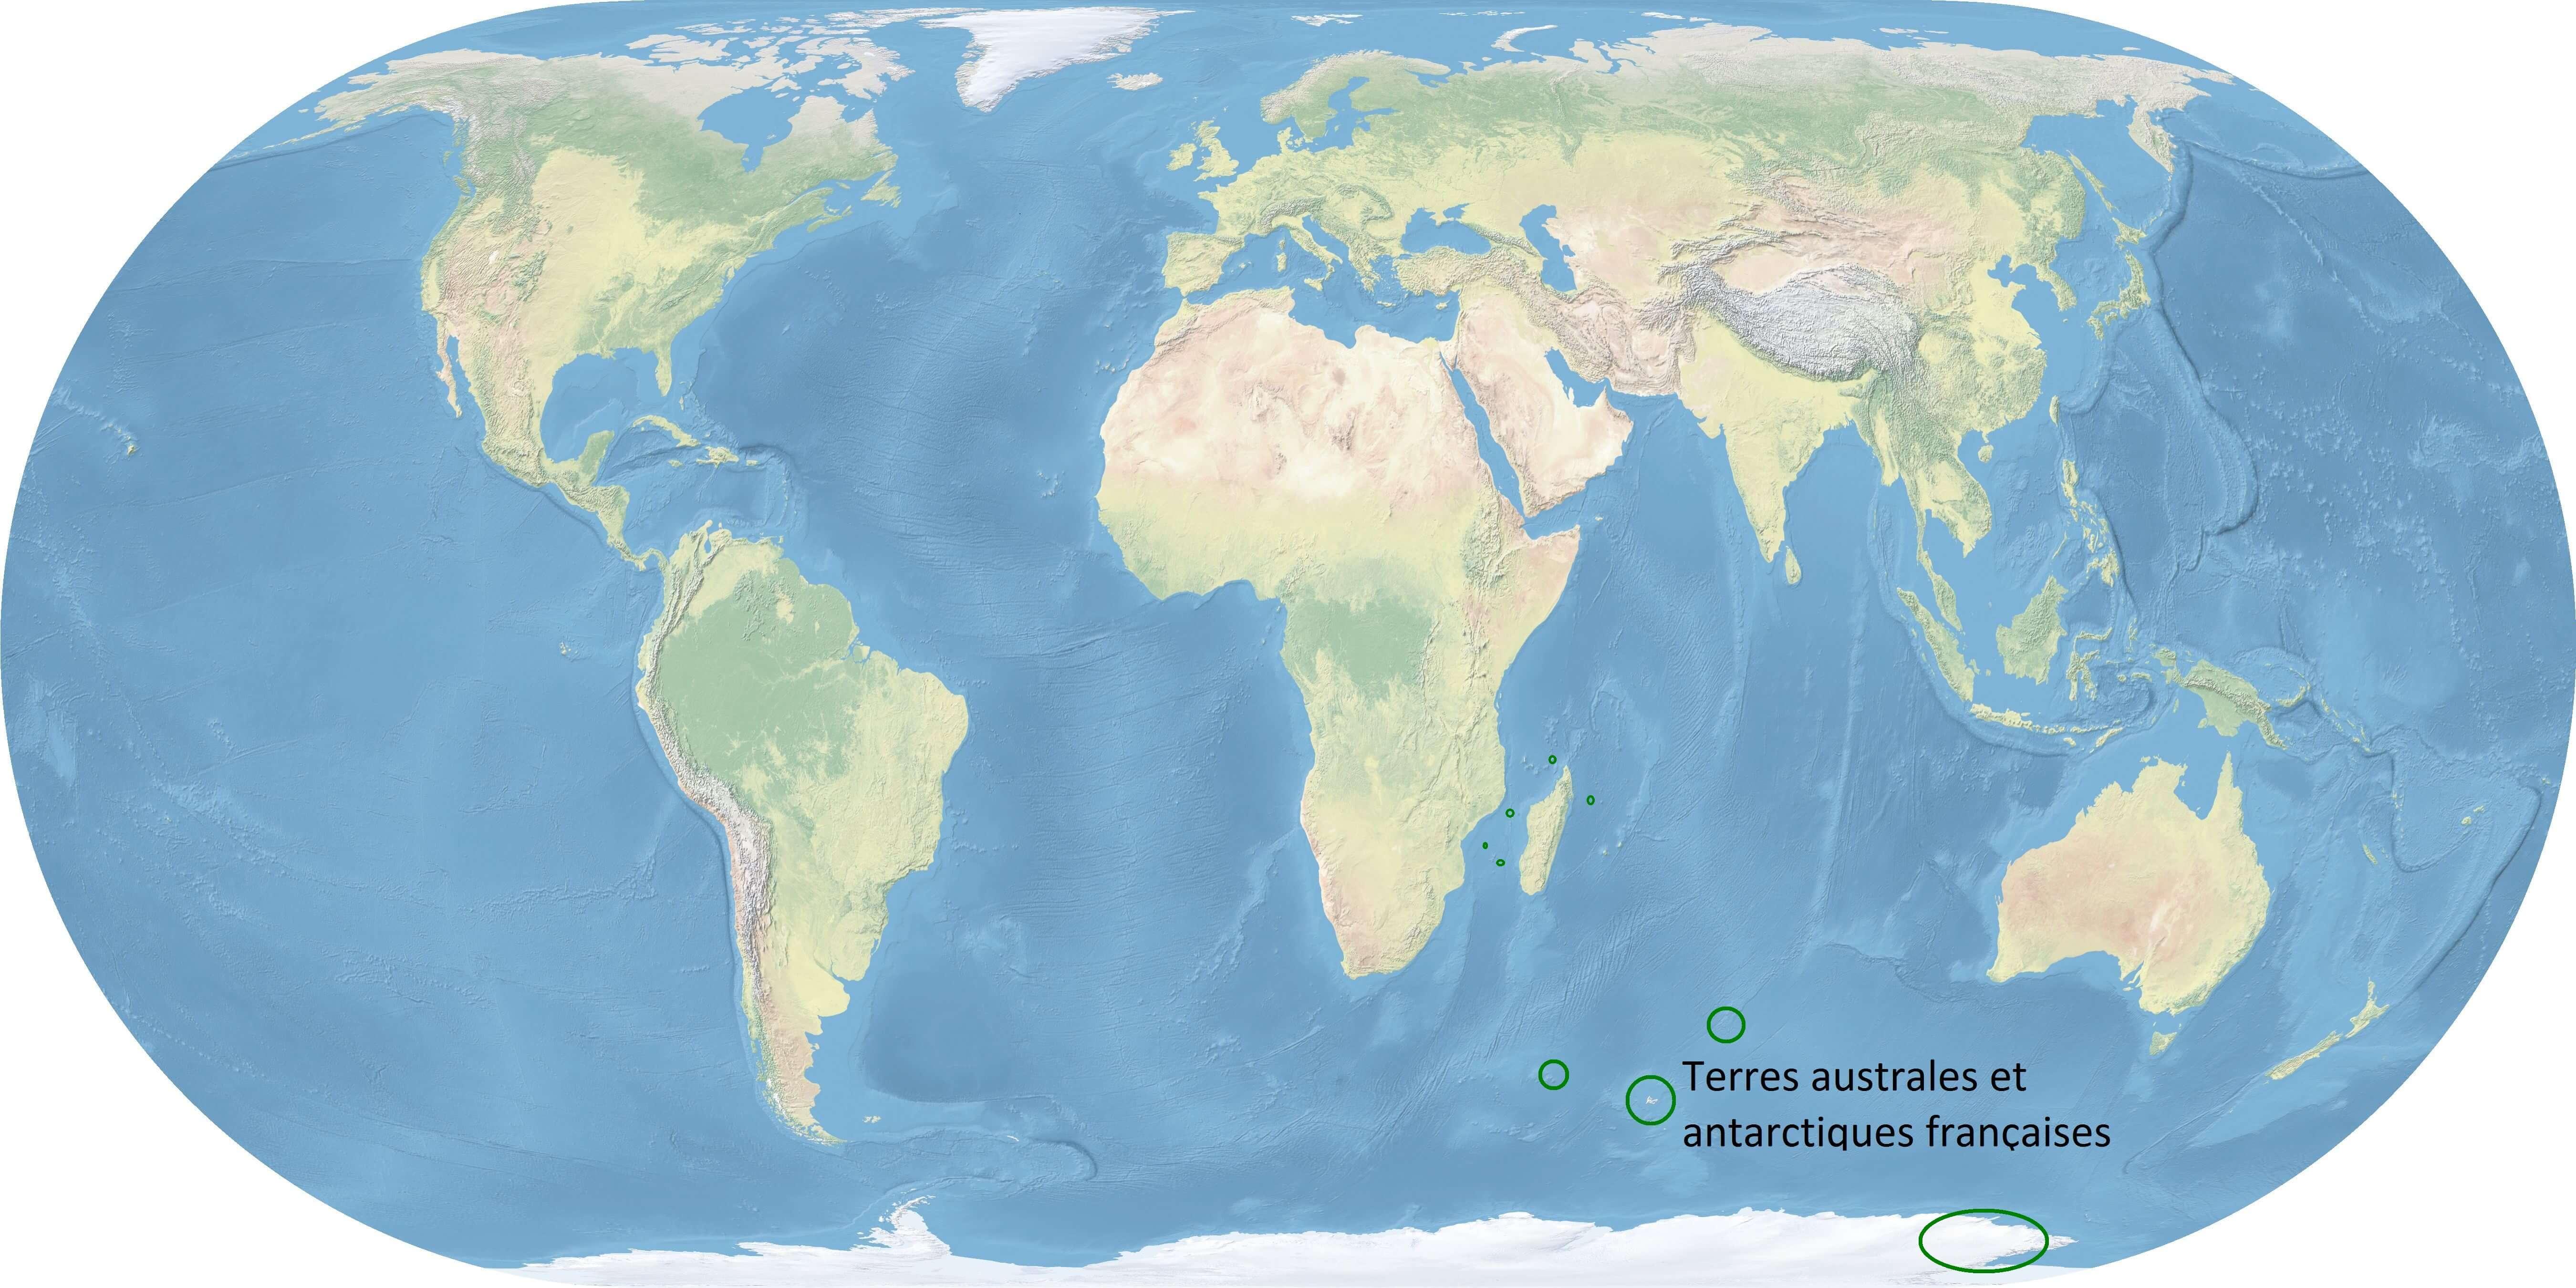 Terres australes et antarctiques françaises Franske antarktiske og australske områder